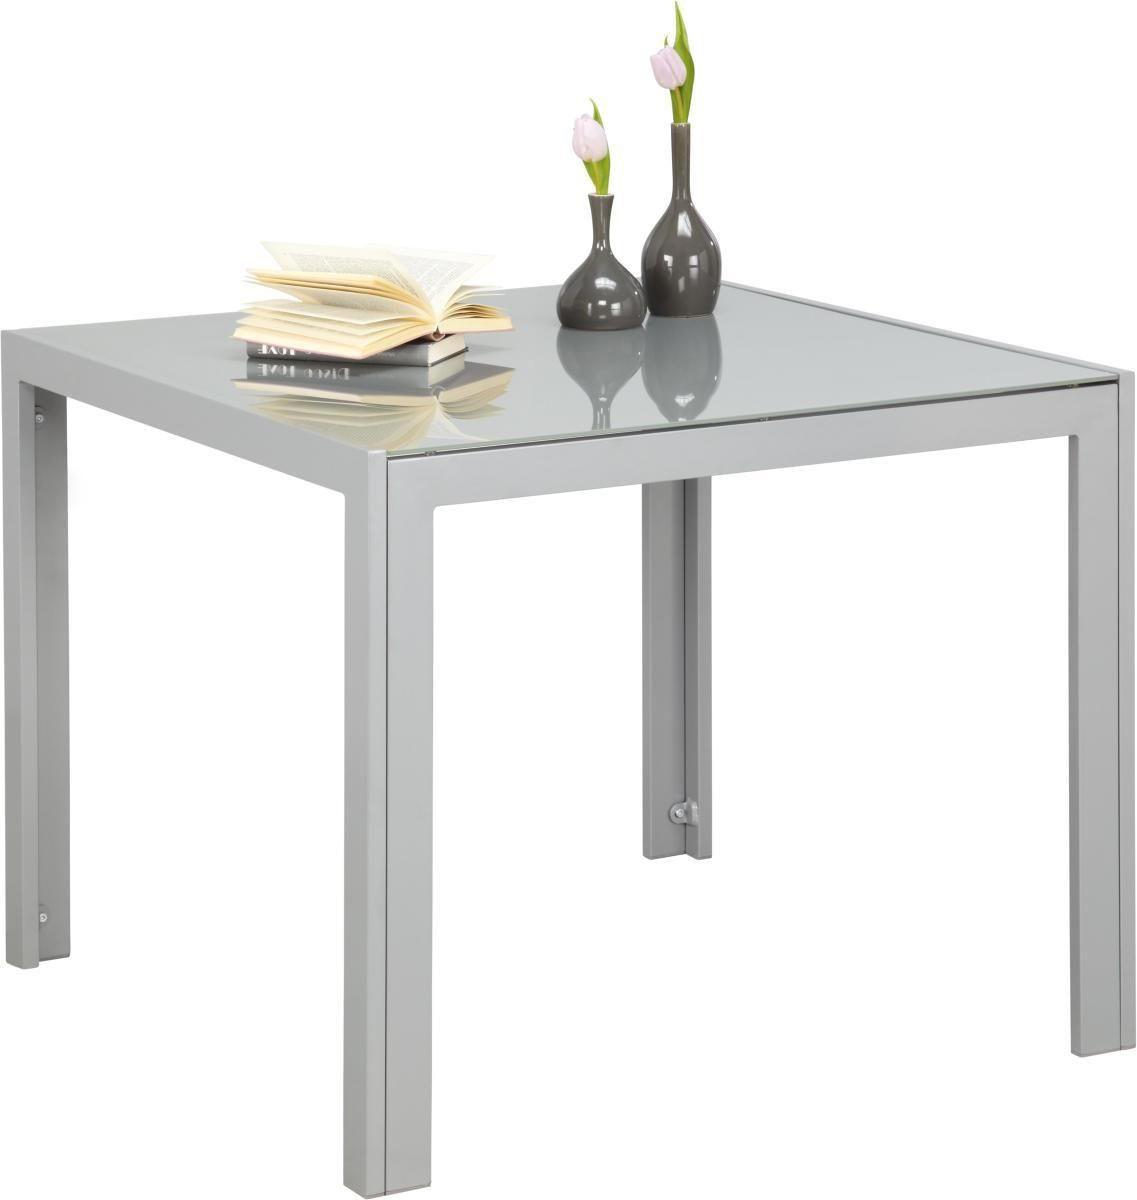 Gartentisch Zum Ausziehen Aus Metall Good Gartentisch With